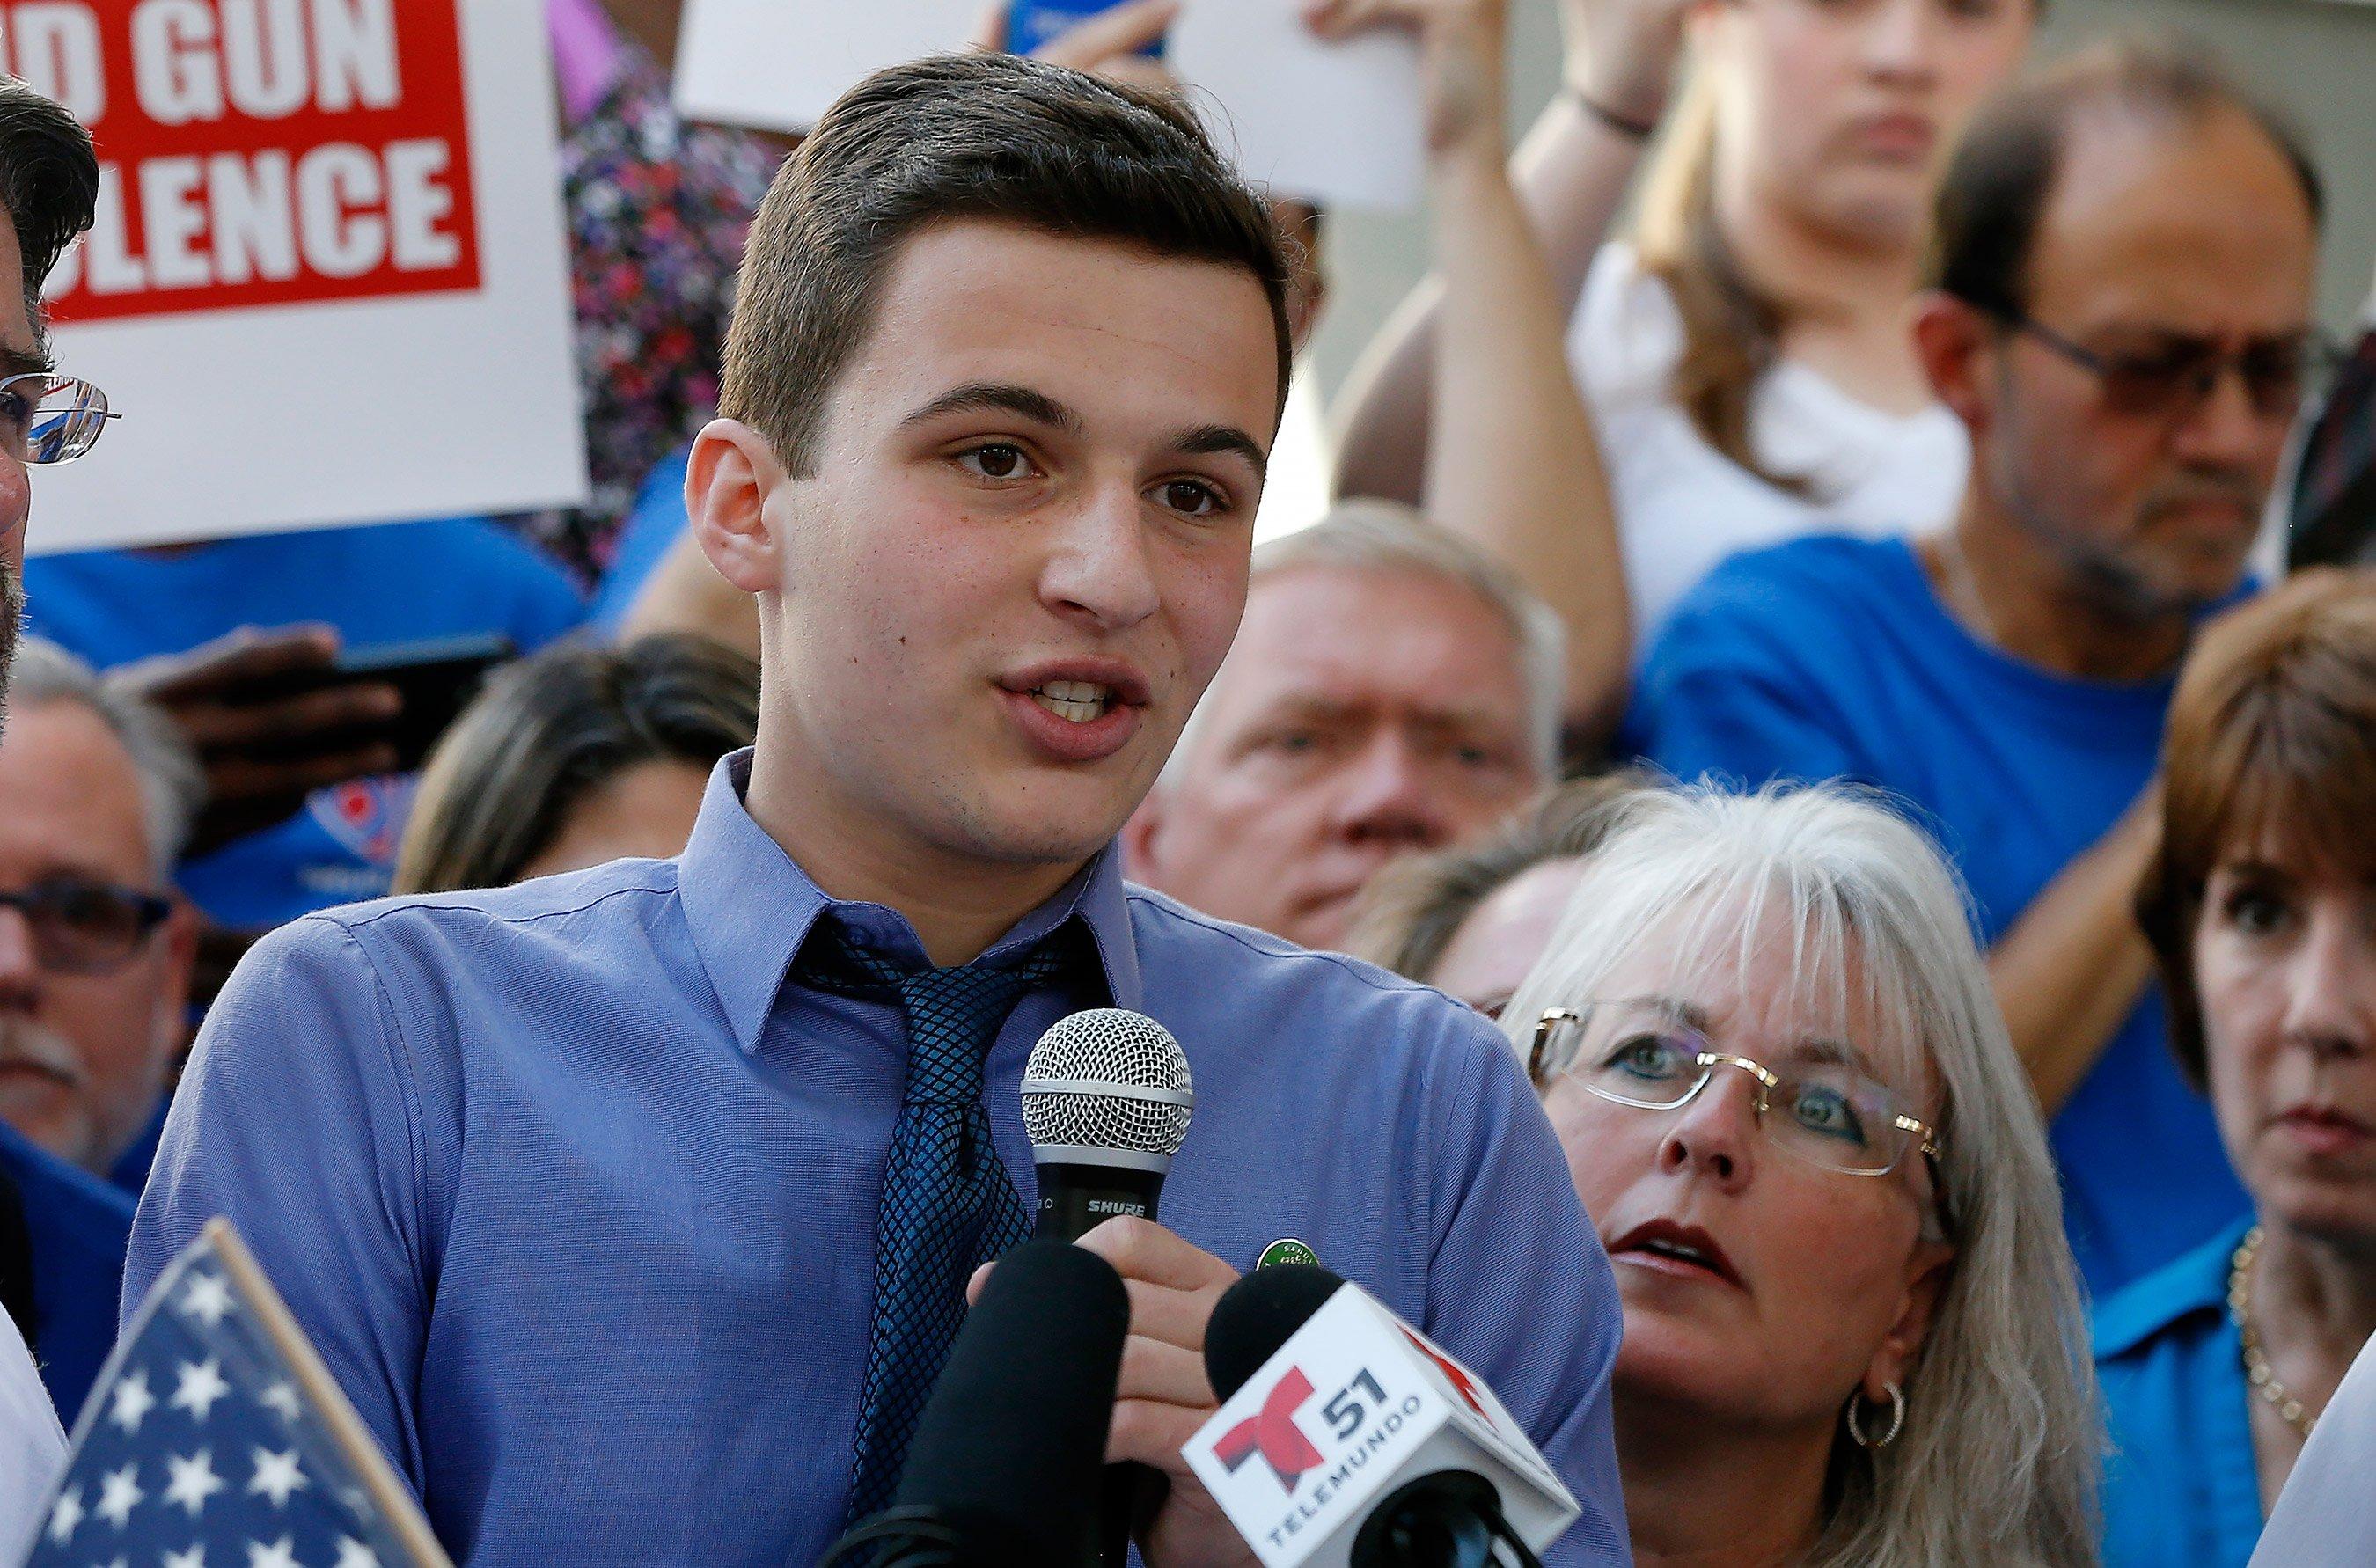 EPIC FAIL Parkland Student Makes Most False Statement Ever About Second Amendment